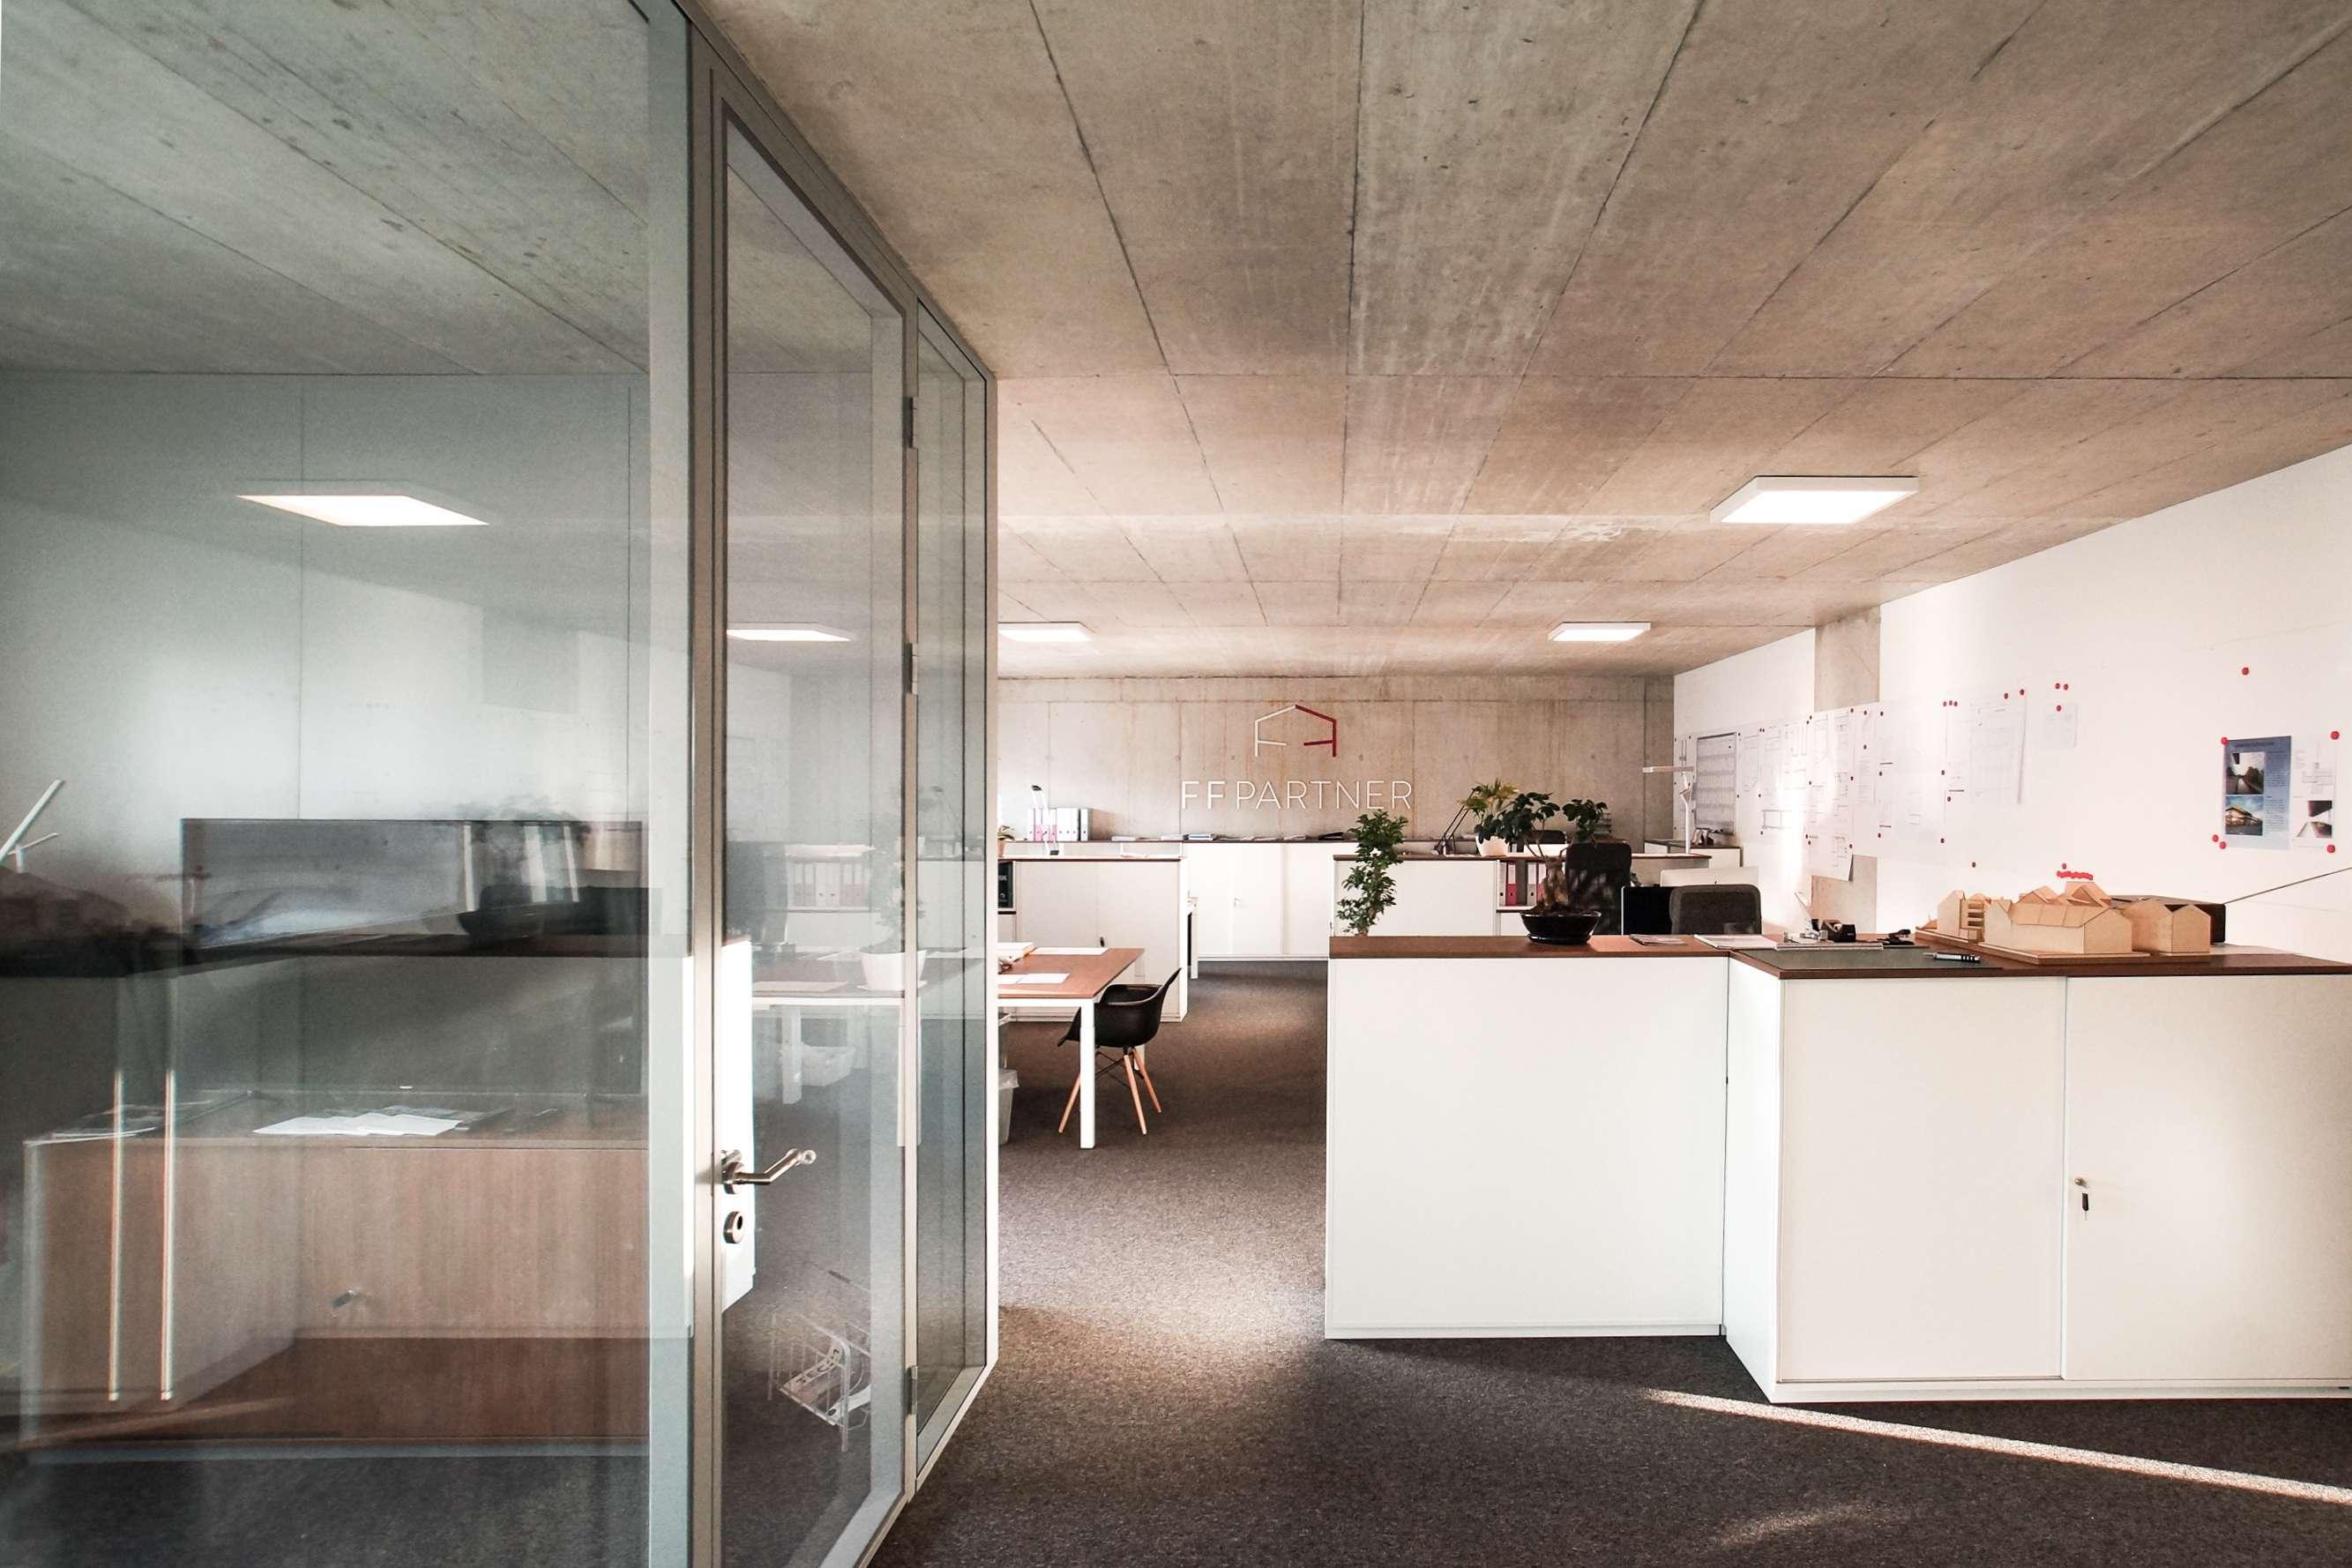 Architekten Suchen ein brüderpaar architekten und partner im bau albinfo